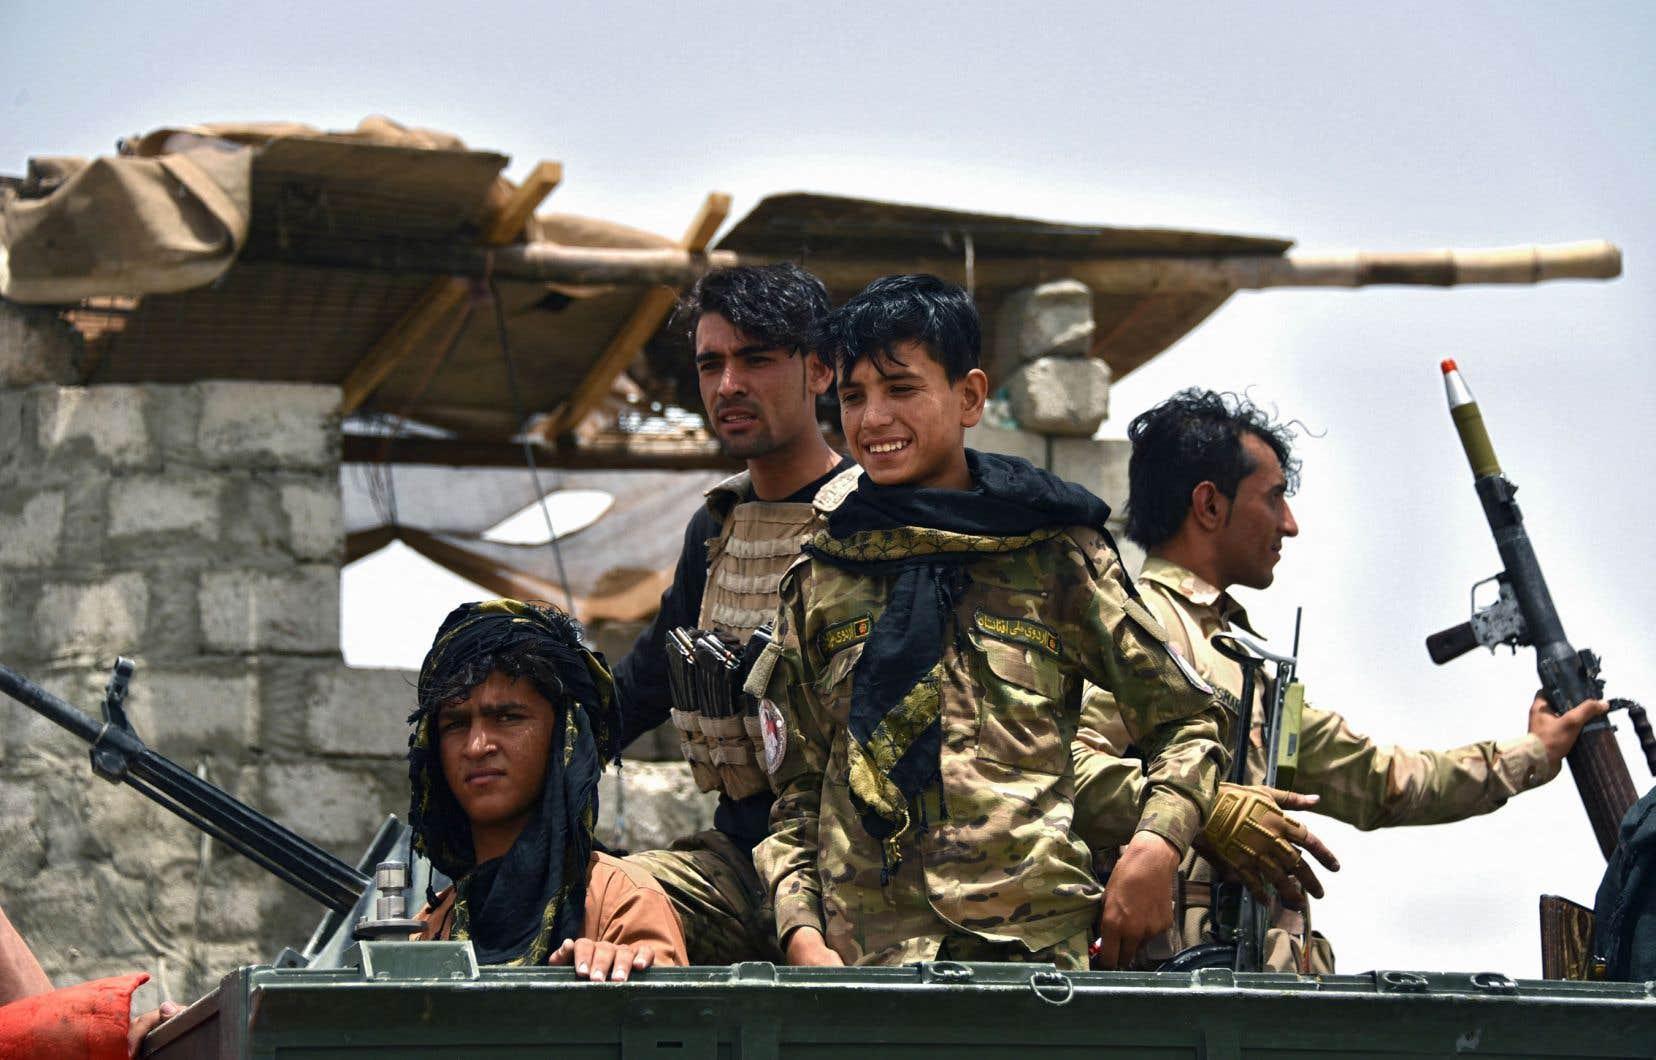 Les talibans affirment contrôler une centaine de districts sur les presque 400 que compte le pays. Les autorités afghanes contestent ce nombre.